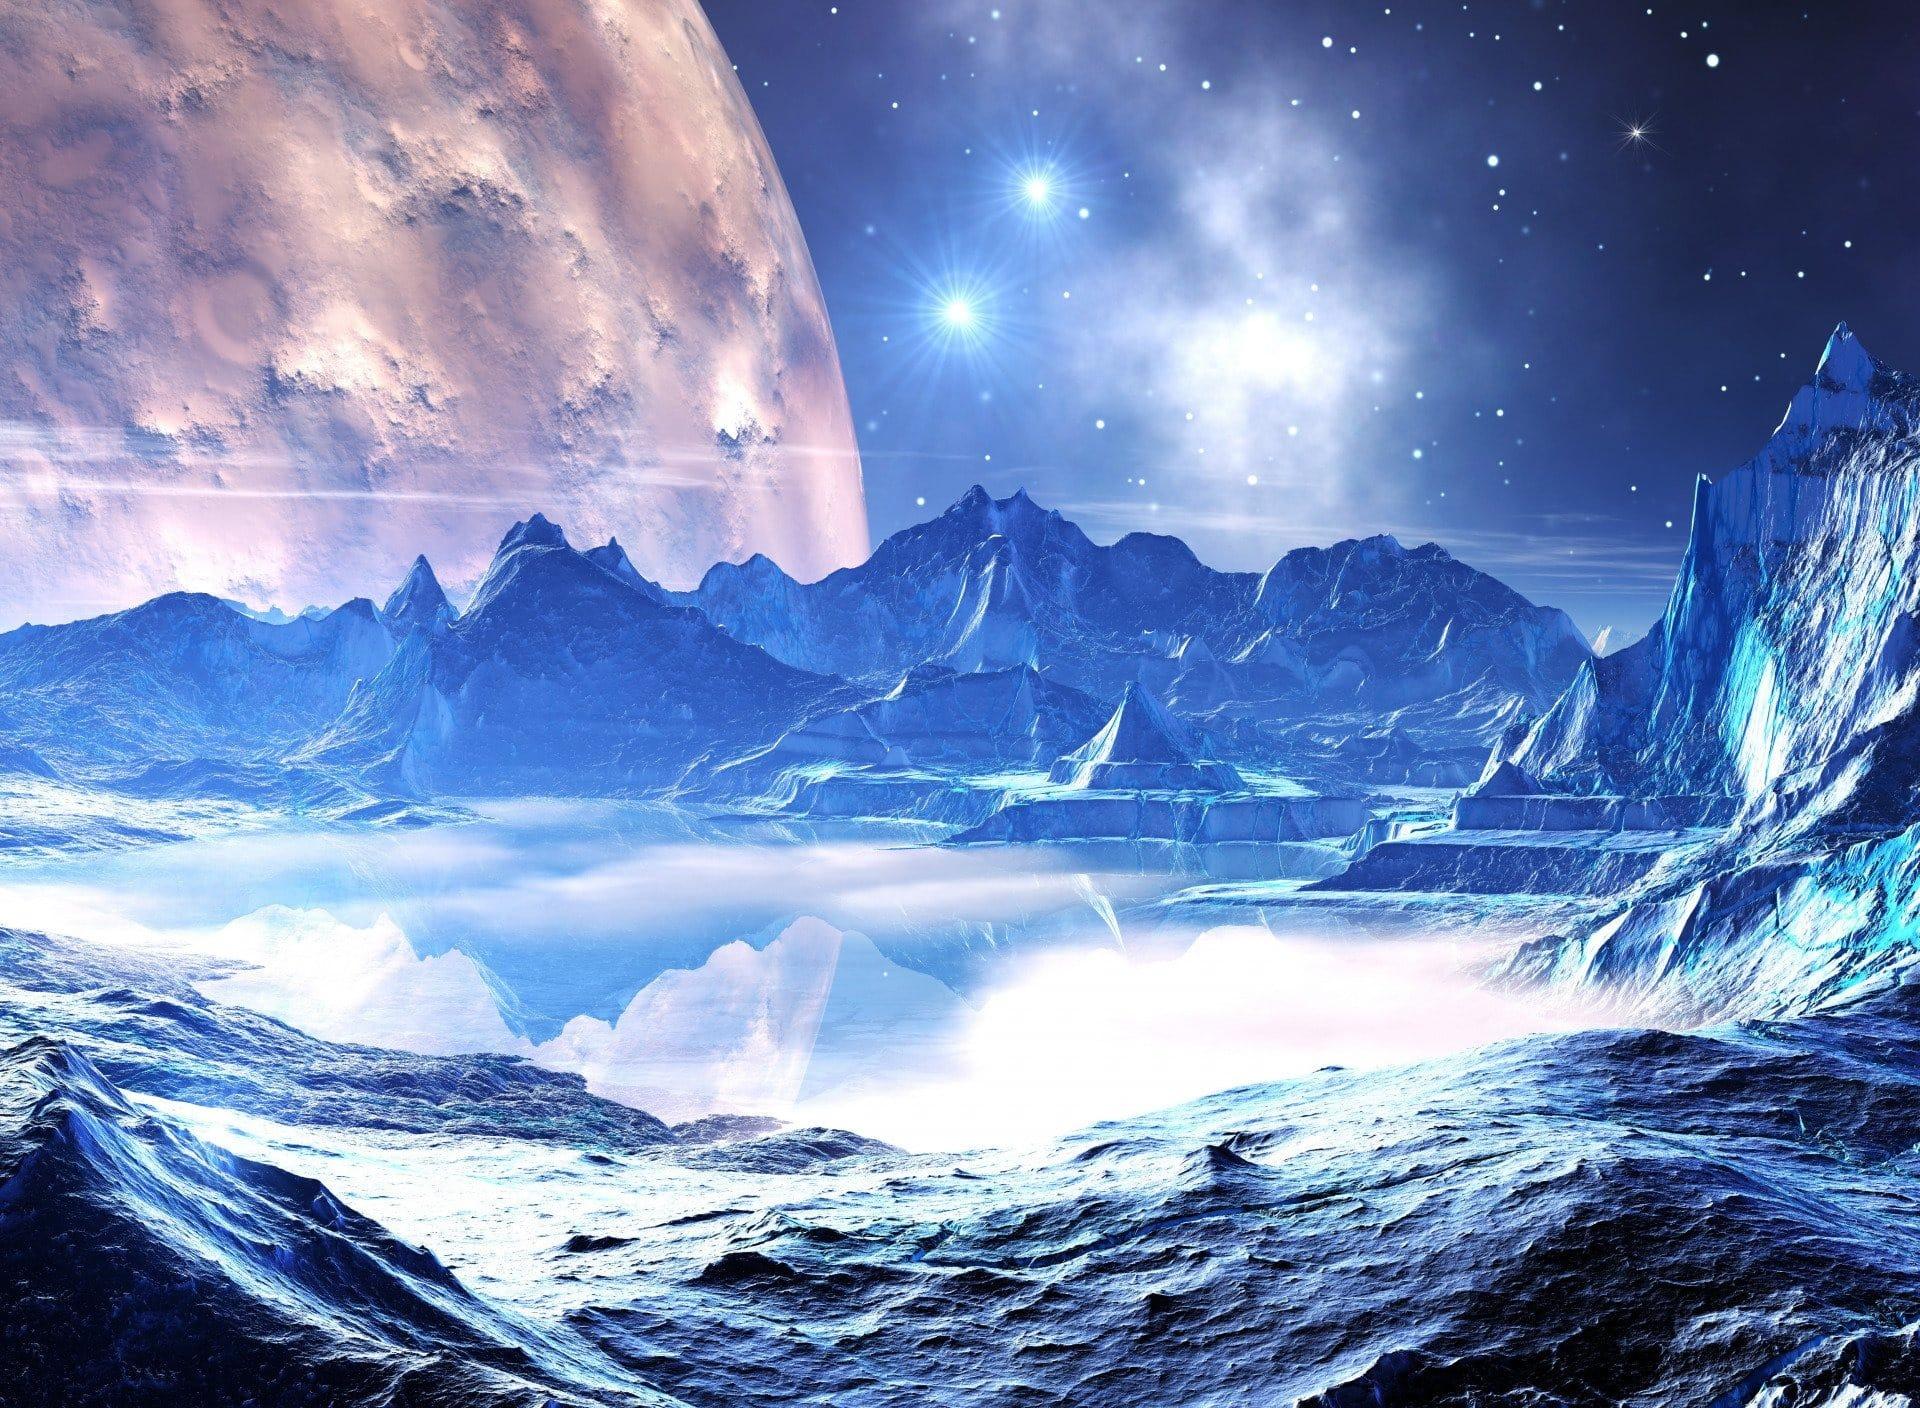 Обледеневшие планеты могут ли поддерживать жизнь?